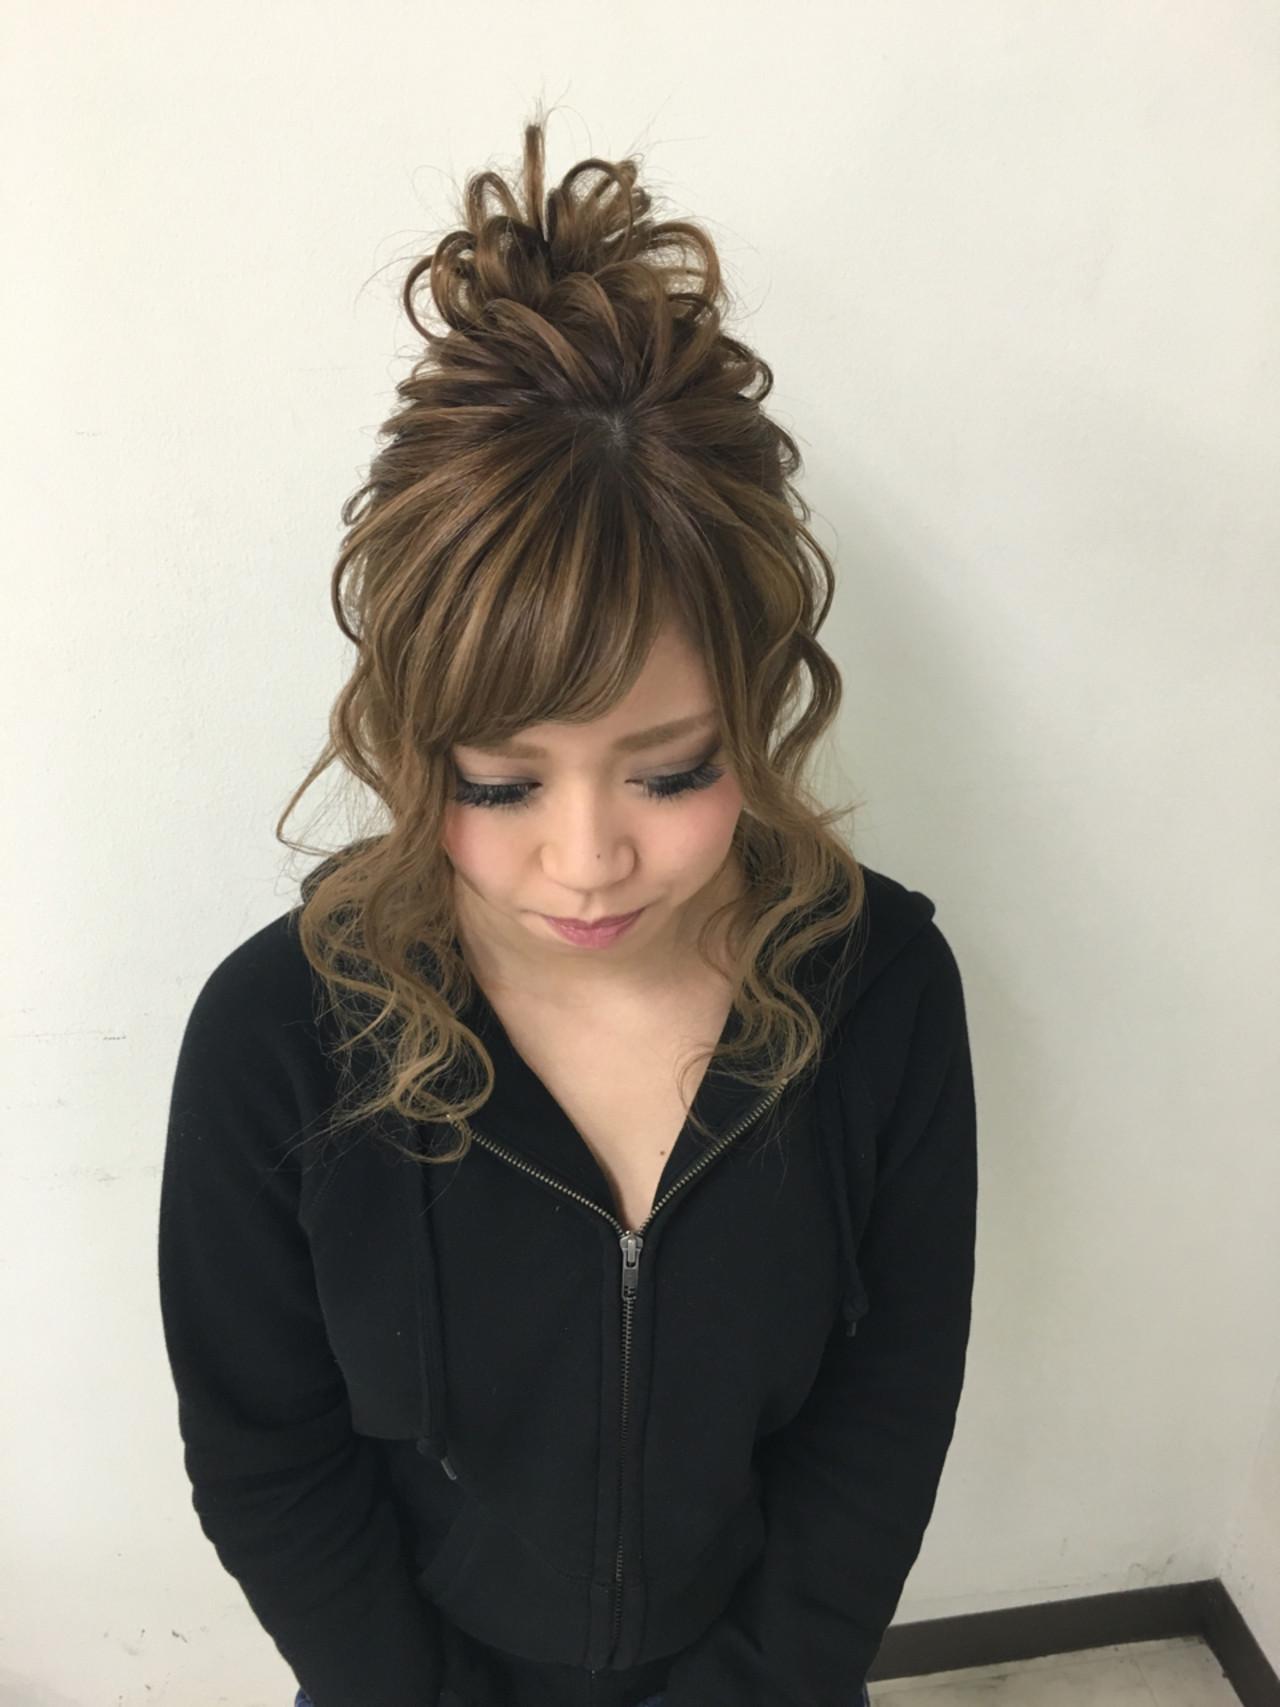 ヘアアレンジ ミディアム お団子 ヘアスタイルや髪型の写真・画像